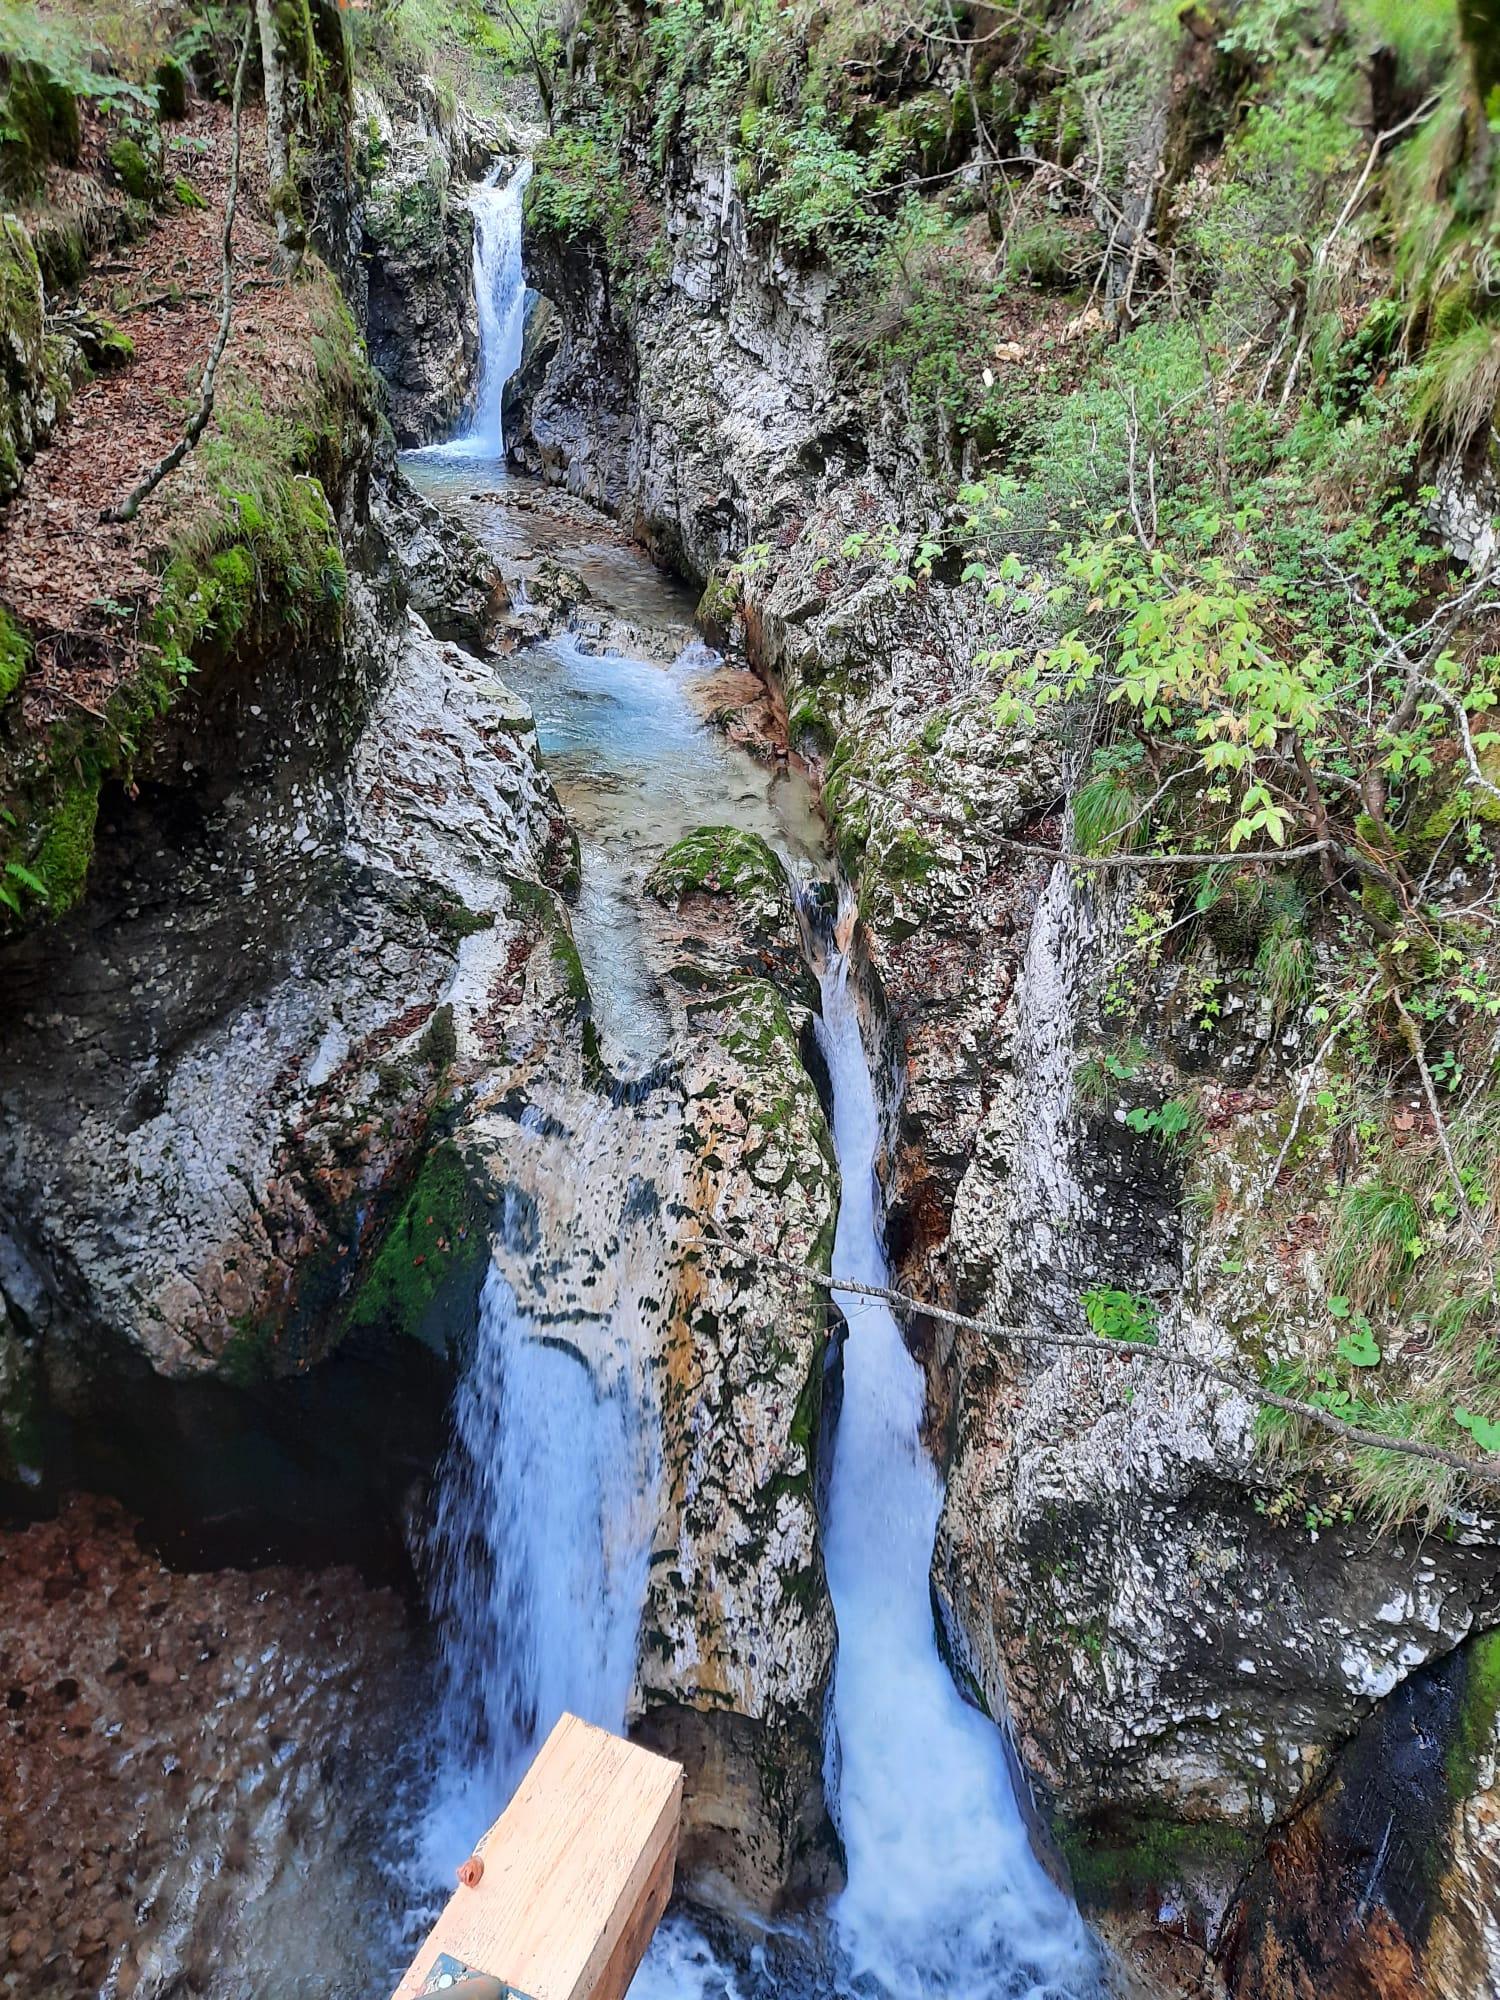 02 - La prima cascata